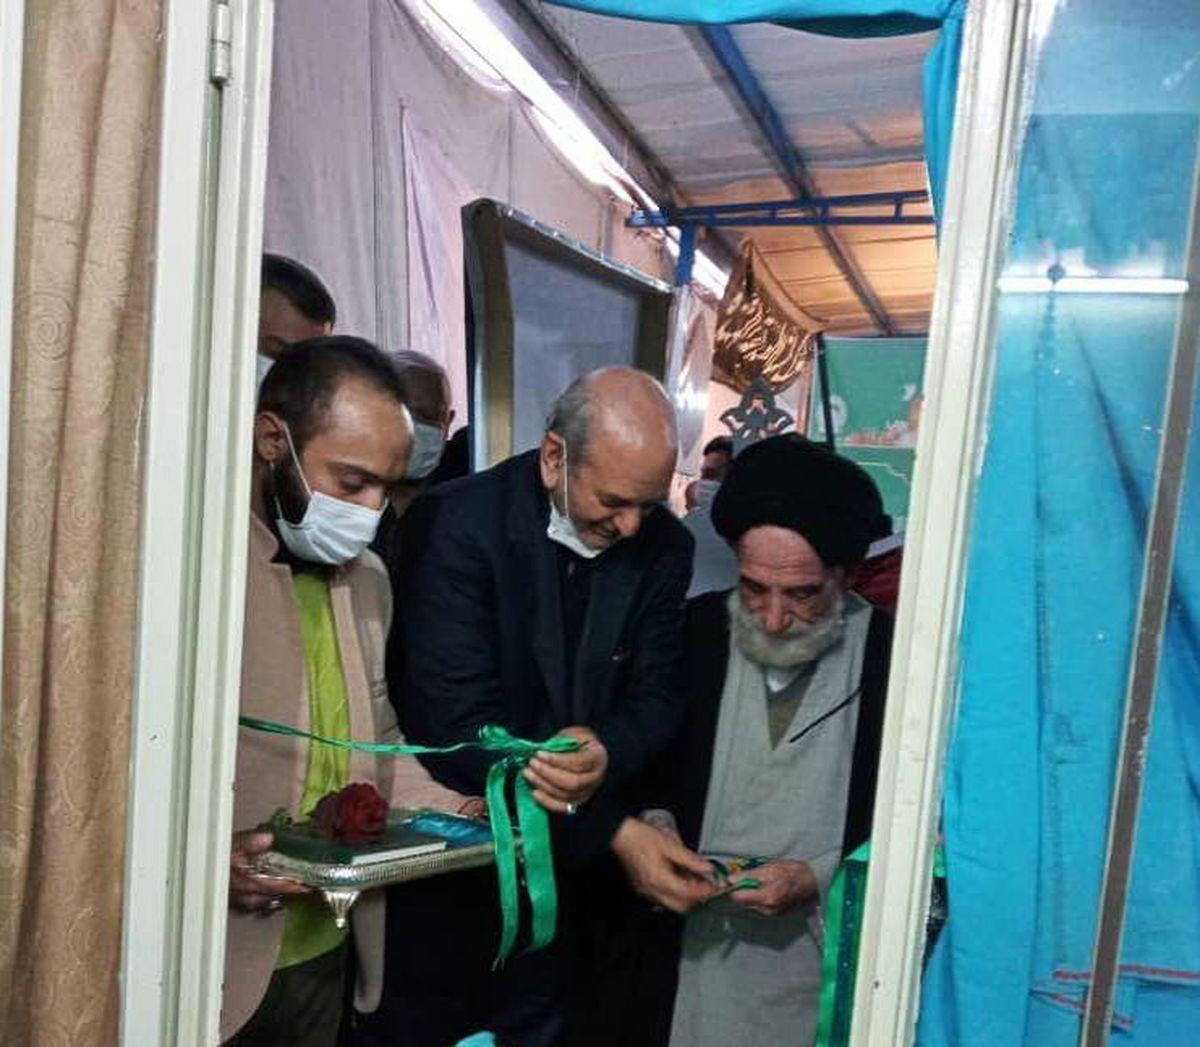 افتتاح کانون محله ای بهشت کرامت در پایگاه بسیج رسول اکرم(ص)در محله اندان